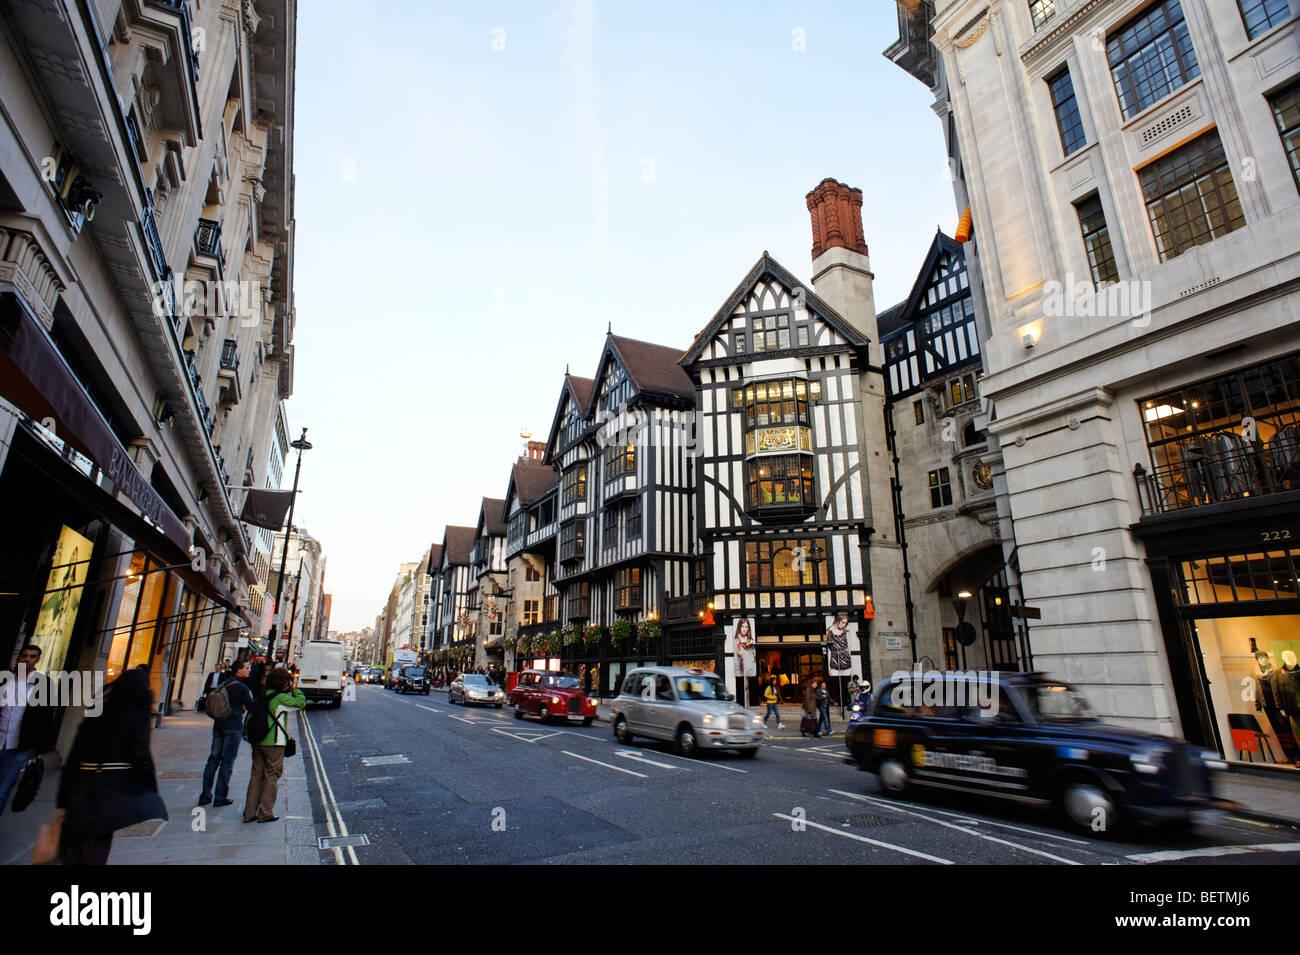 Liberty department store. London. Britain. UK - Stock Image